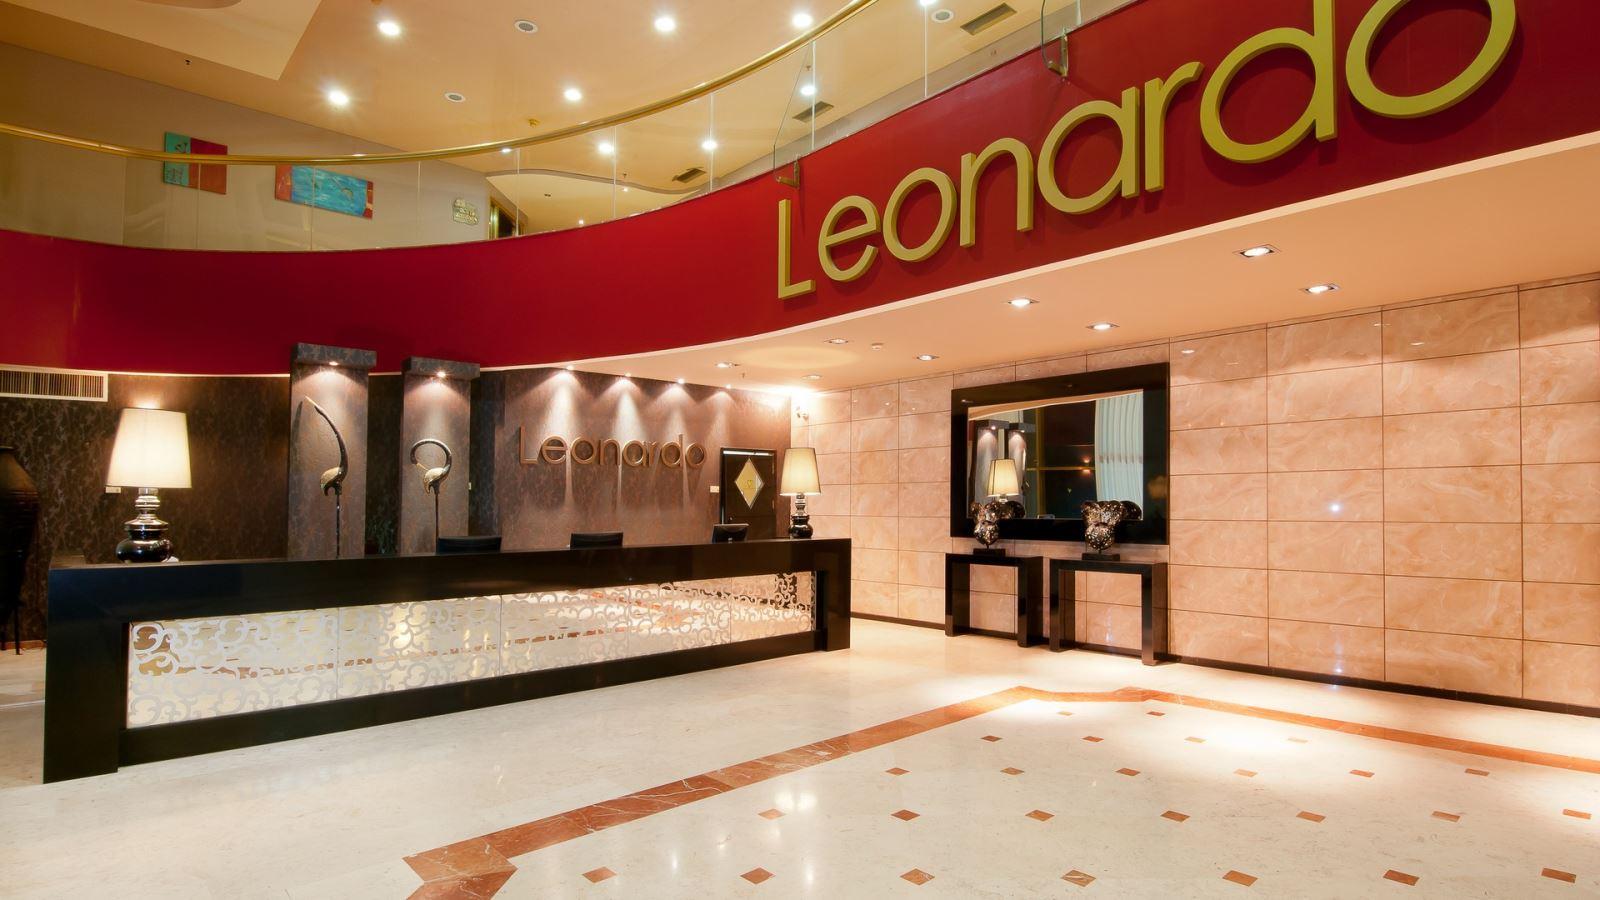 הזמינו חופשה מפנקת במלון לאונרדו נגב באר שבע ב-50% הנחה!